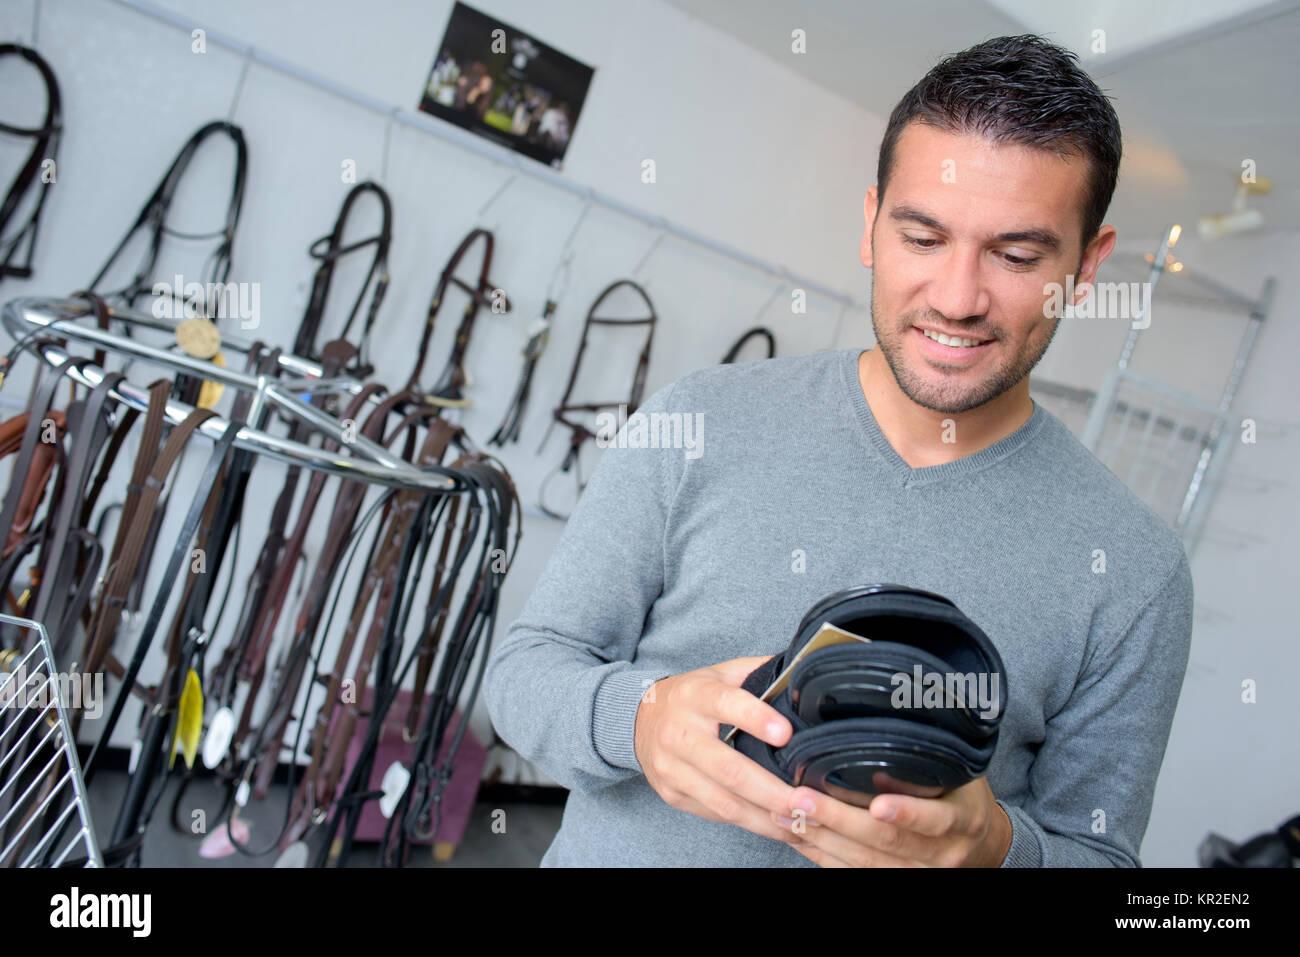 man buying leather - Stock Image